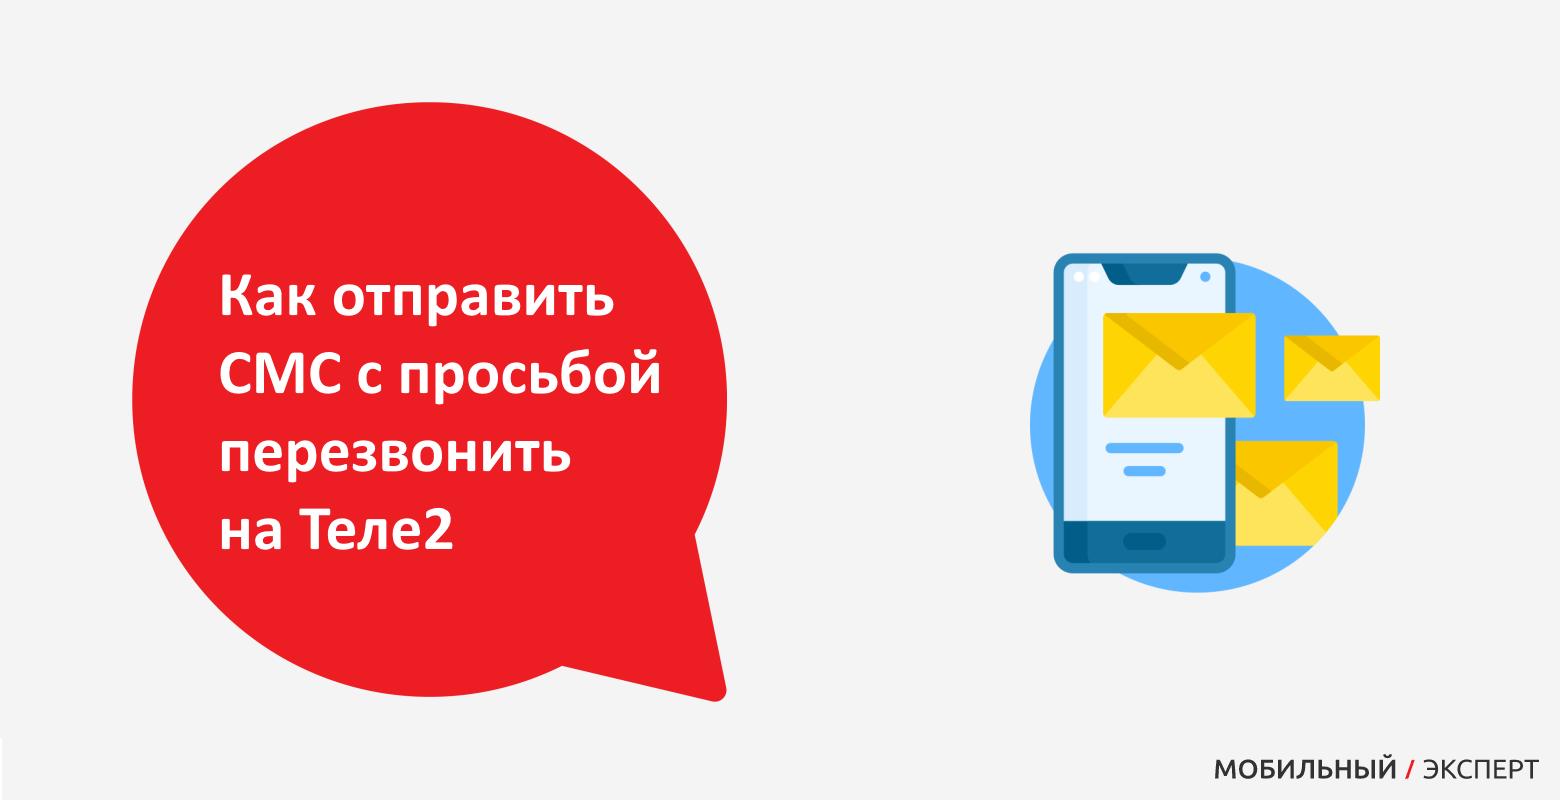 Отправить СМС с просьбой перезвонить на Теле2